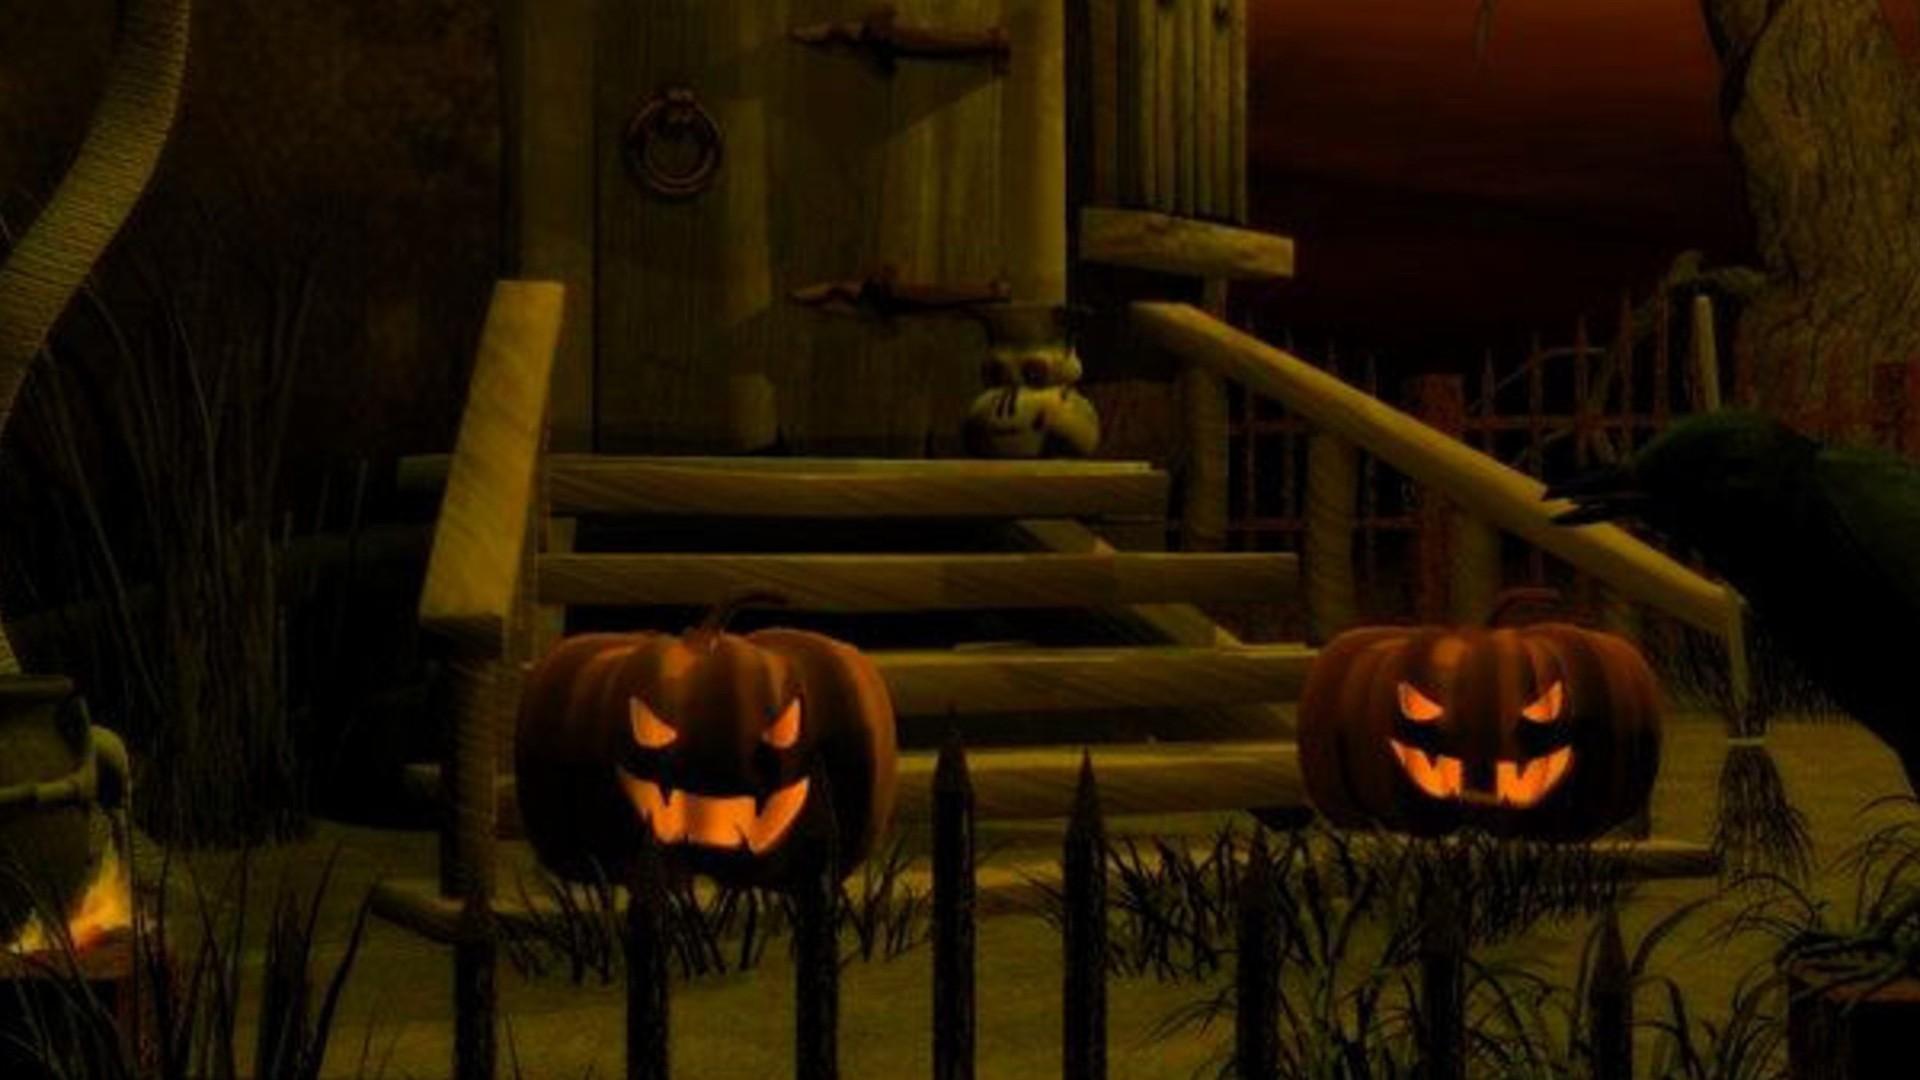 Halloween Wallpaper Screensavers 54 Pictures